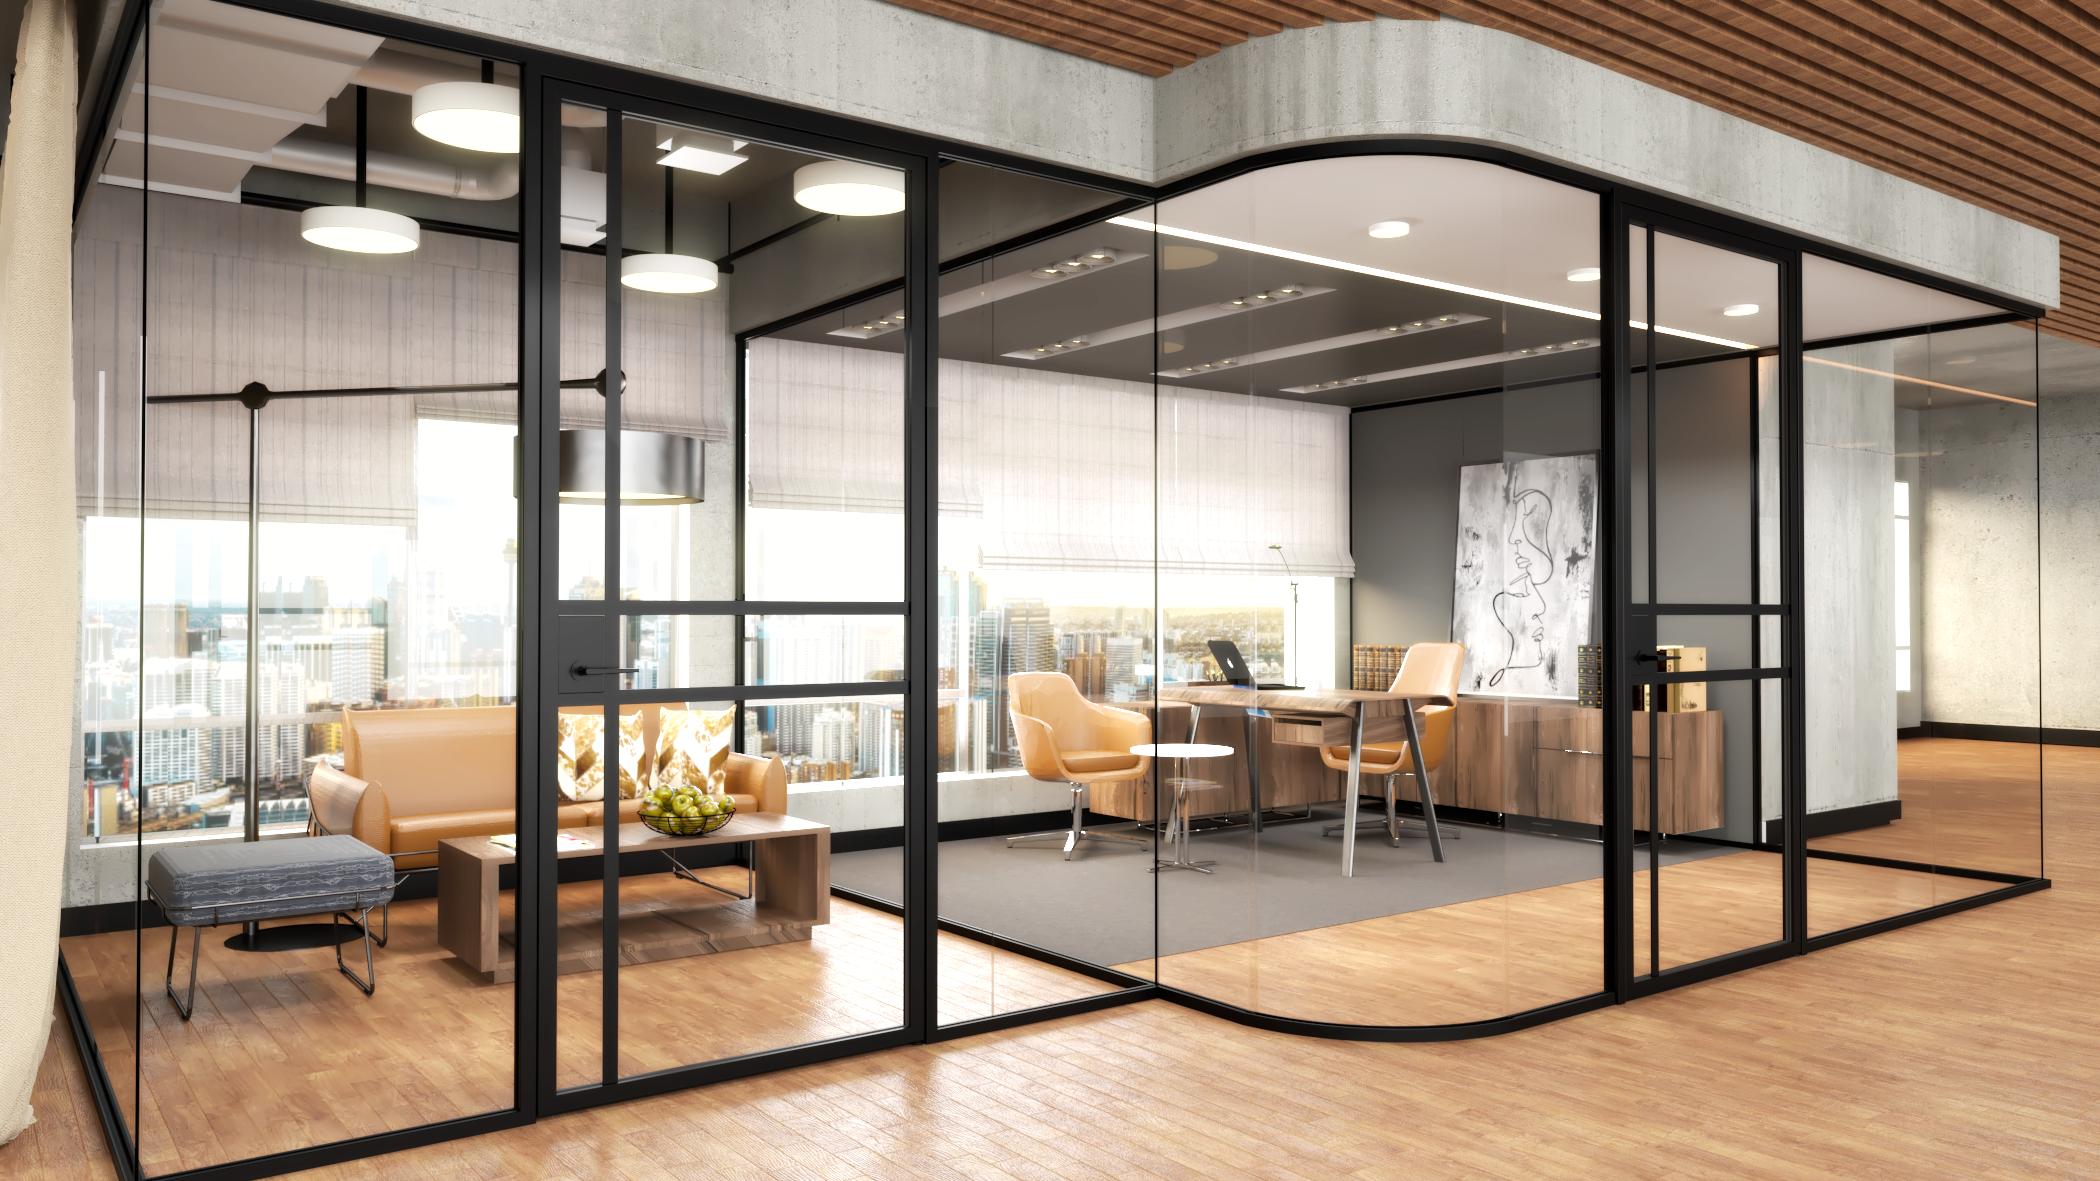 Groundbreaking design: The Slim Framed Glass Door by Maars Living Walls